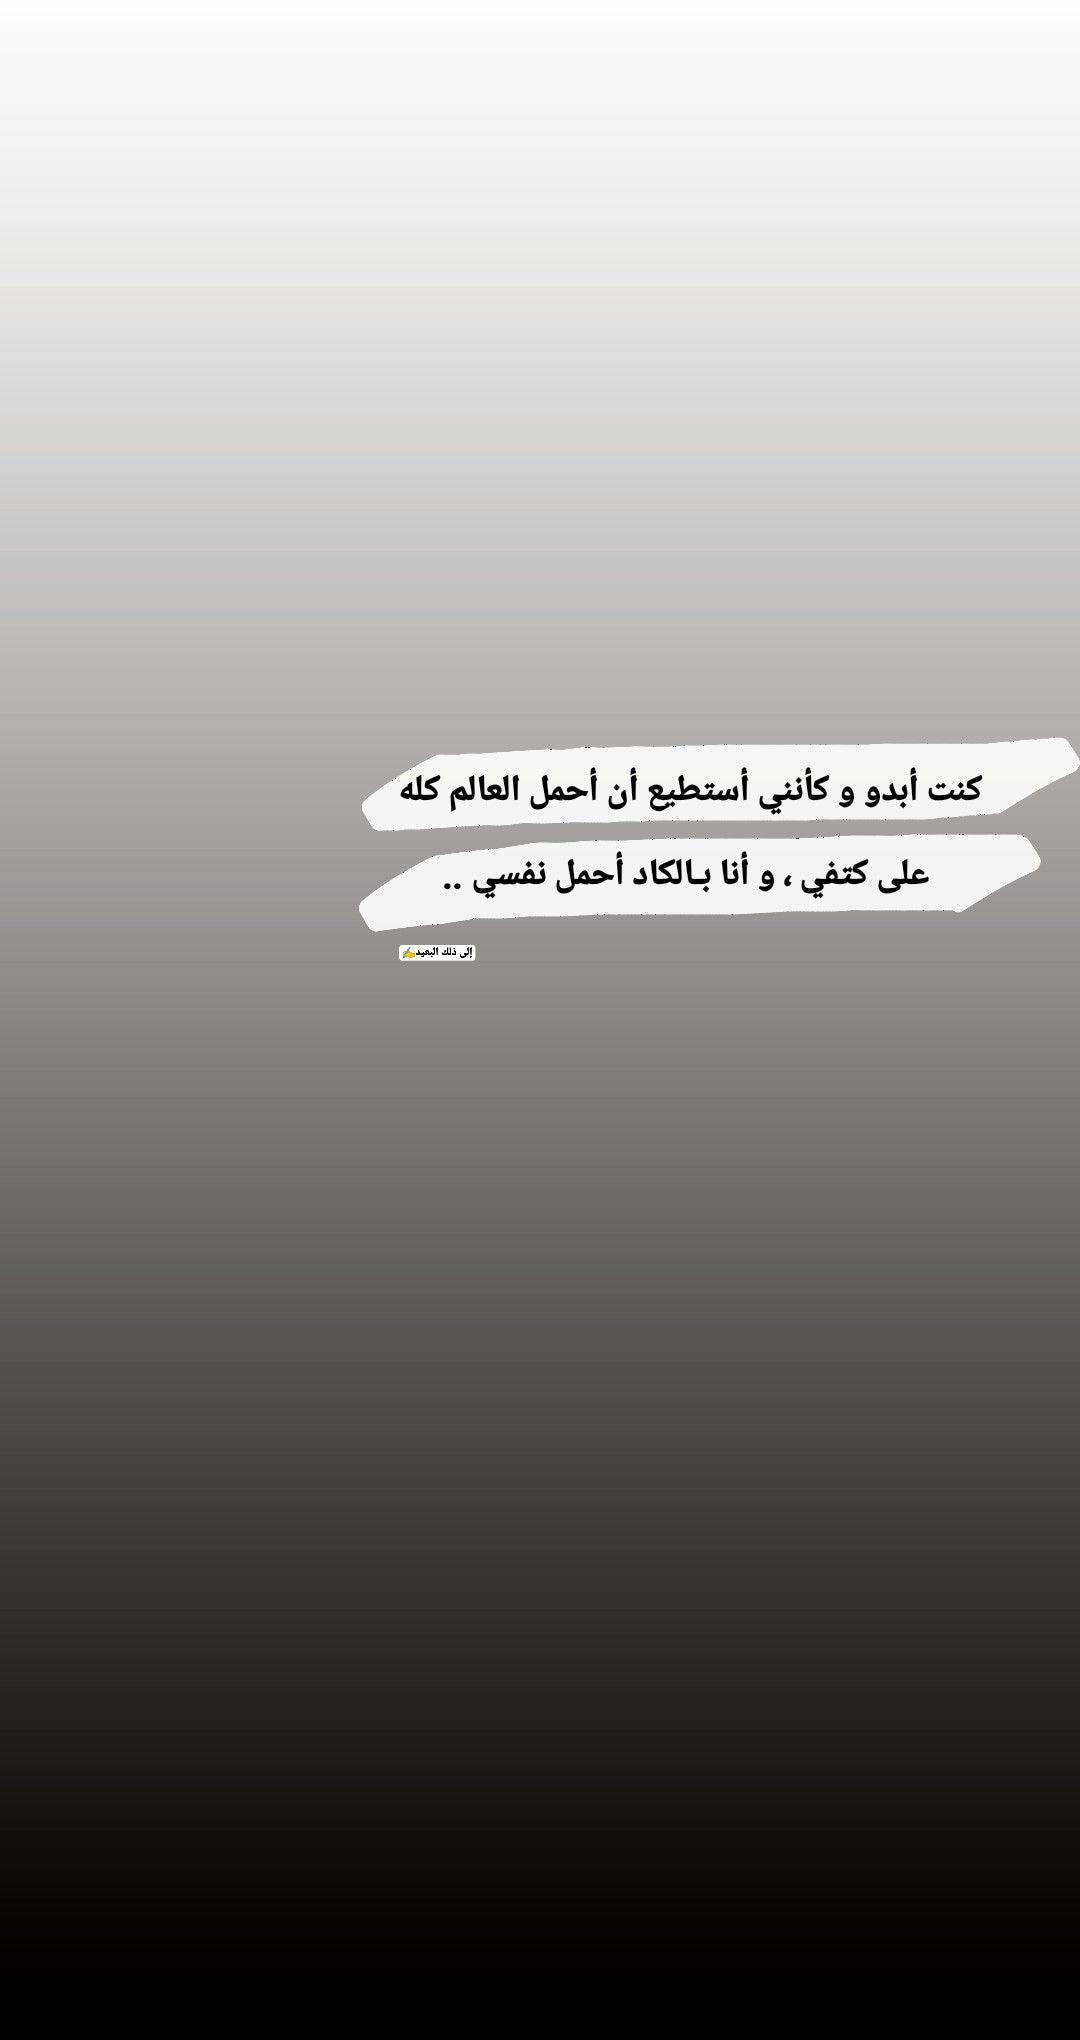 إلى ذلك البعيد ✍️    | Arab sentences | Arabic quotes